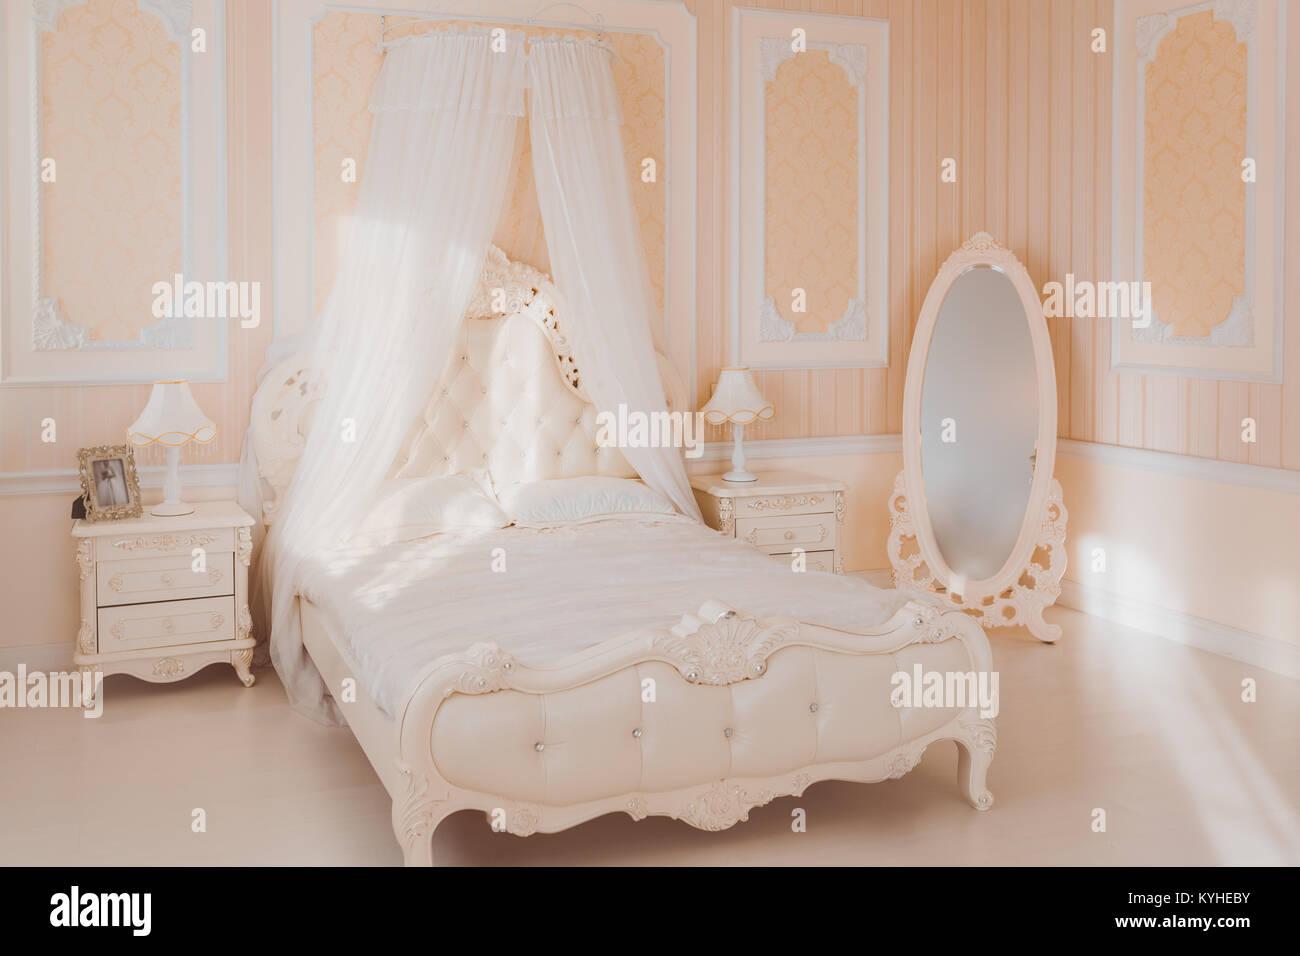 Innen Weiß Luxus Schlafzimmer